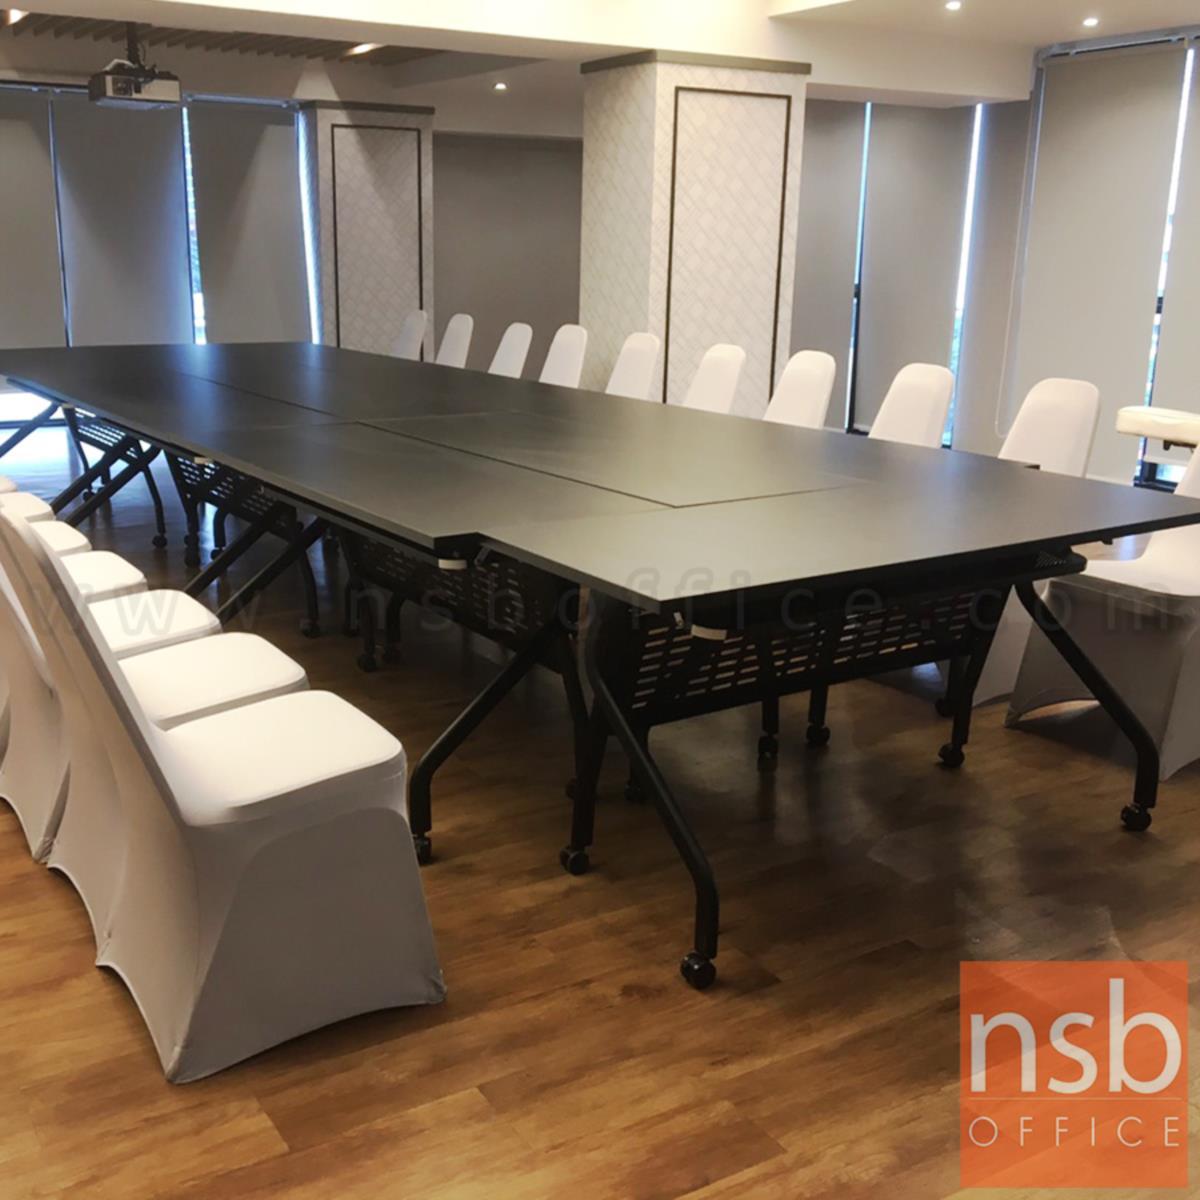 โต๊ะประชุมพับเก็บได้ล้อเลื่อน รุ่น Hutchence (ฮัตเชนซ์) ขนาด 150W*60D cm.  พร้อมบังตาเหล็กและที่วางของด้านใต้